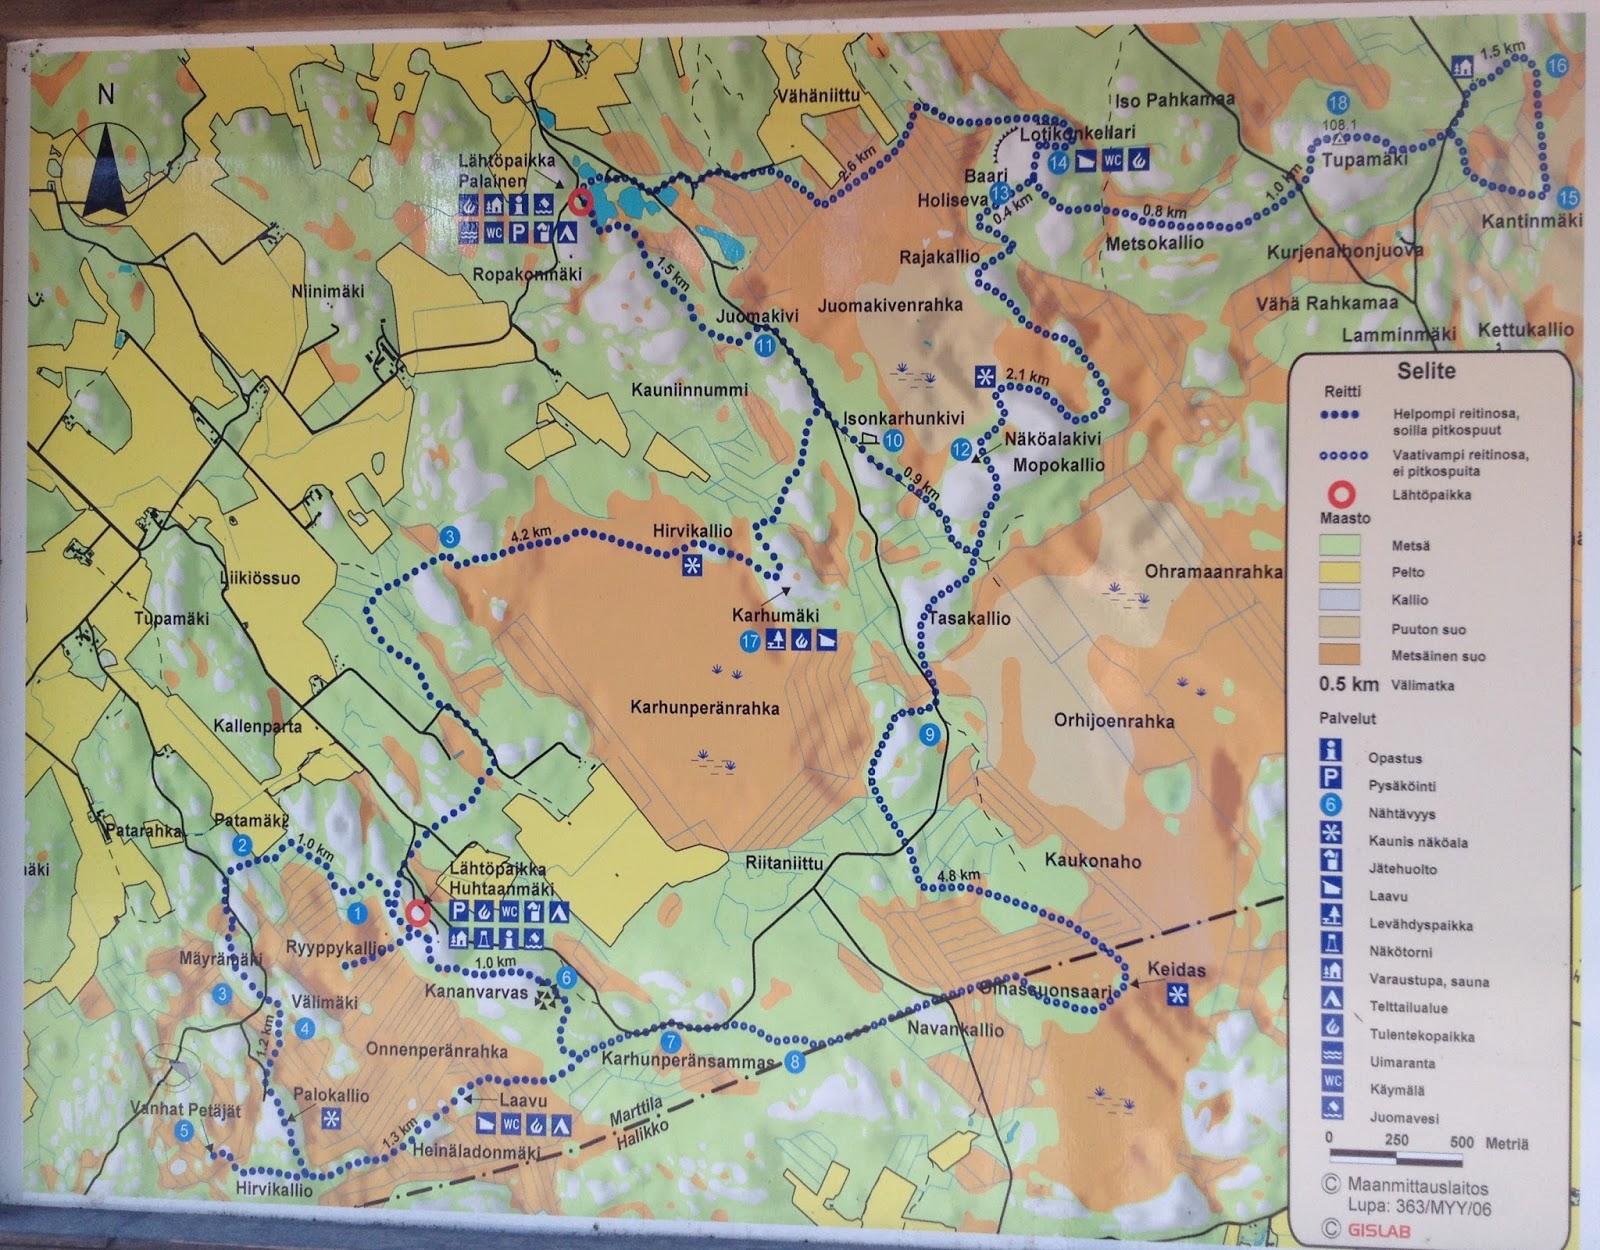 Marttila google maps – Kiinteistot, talot